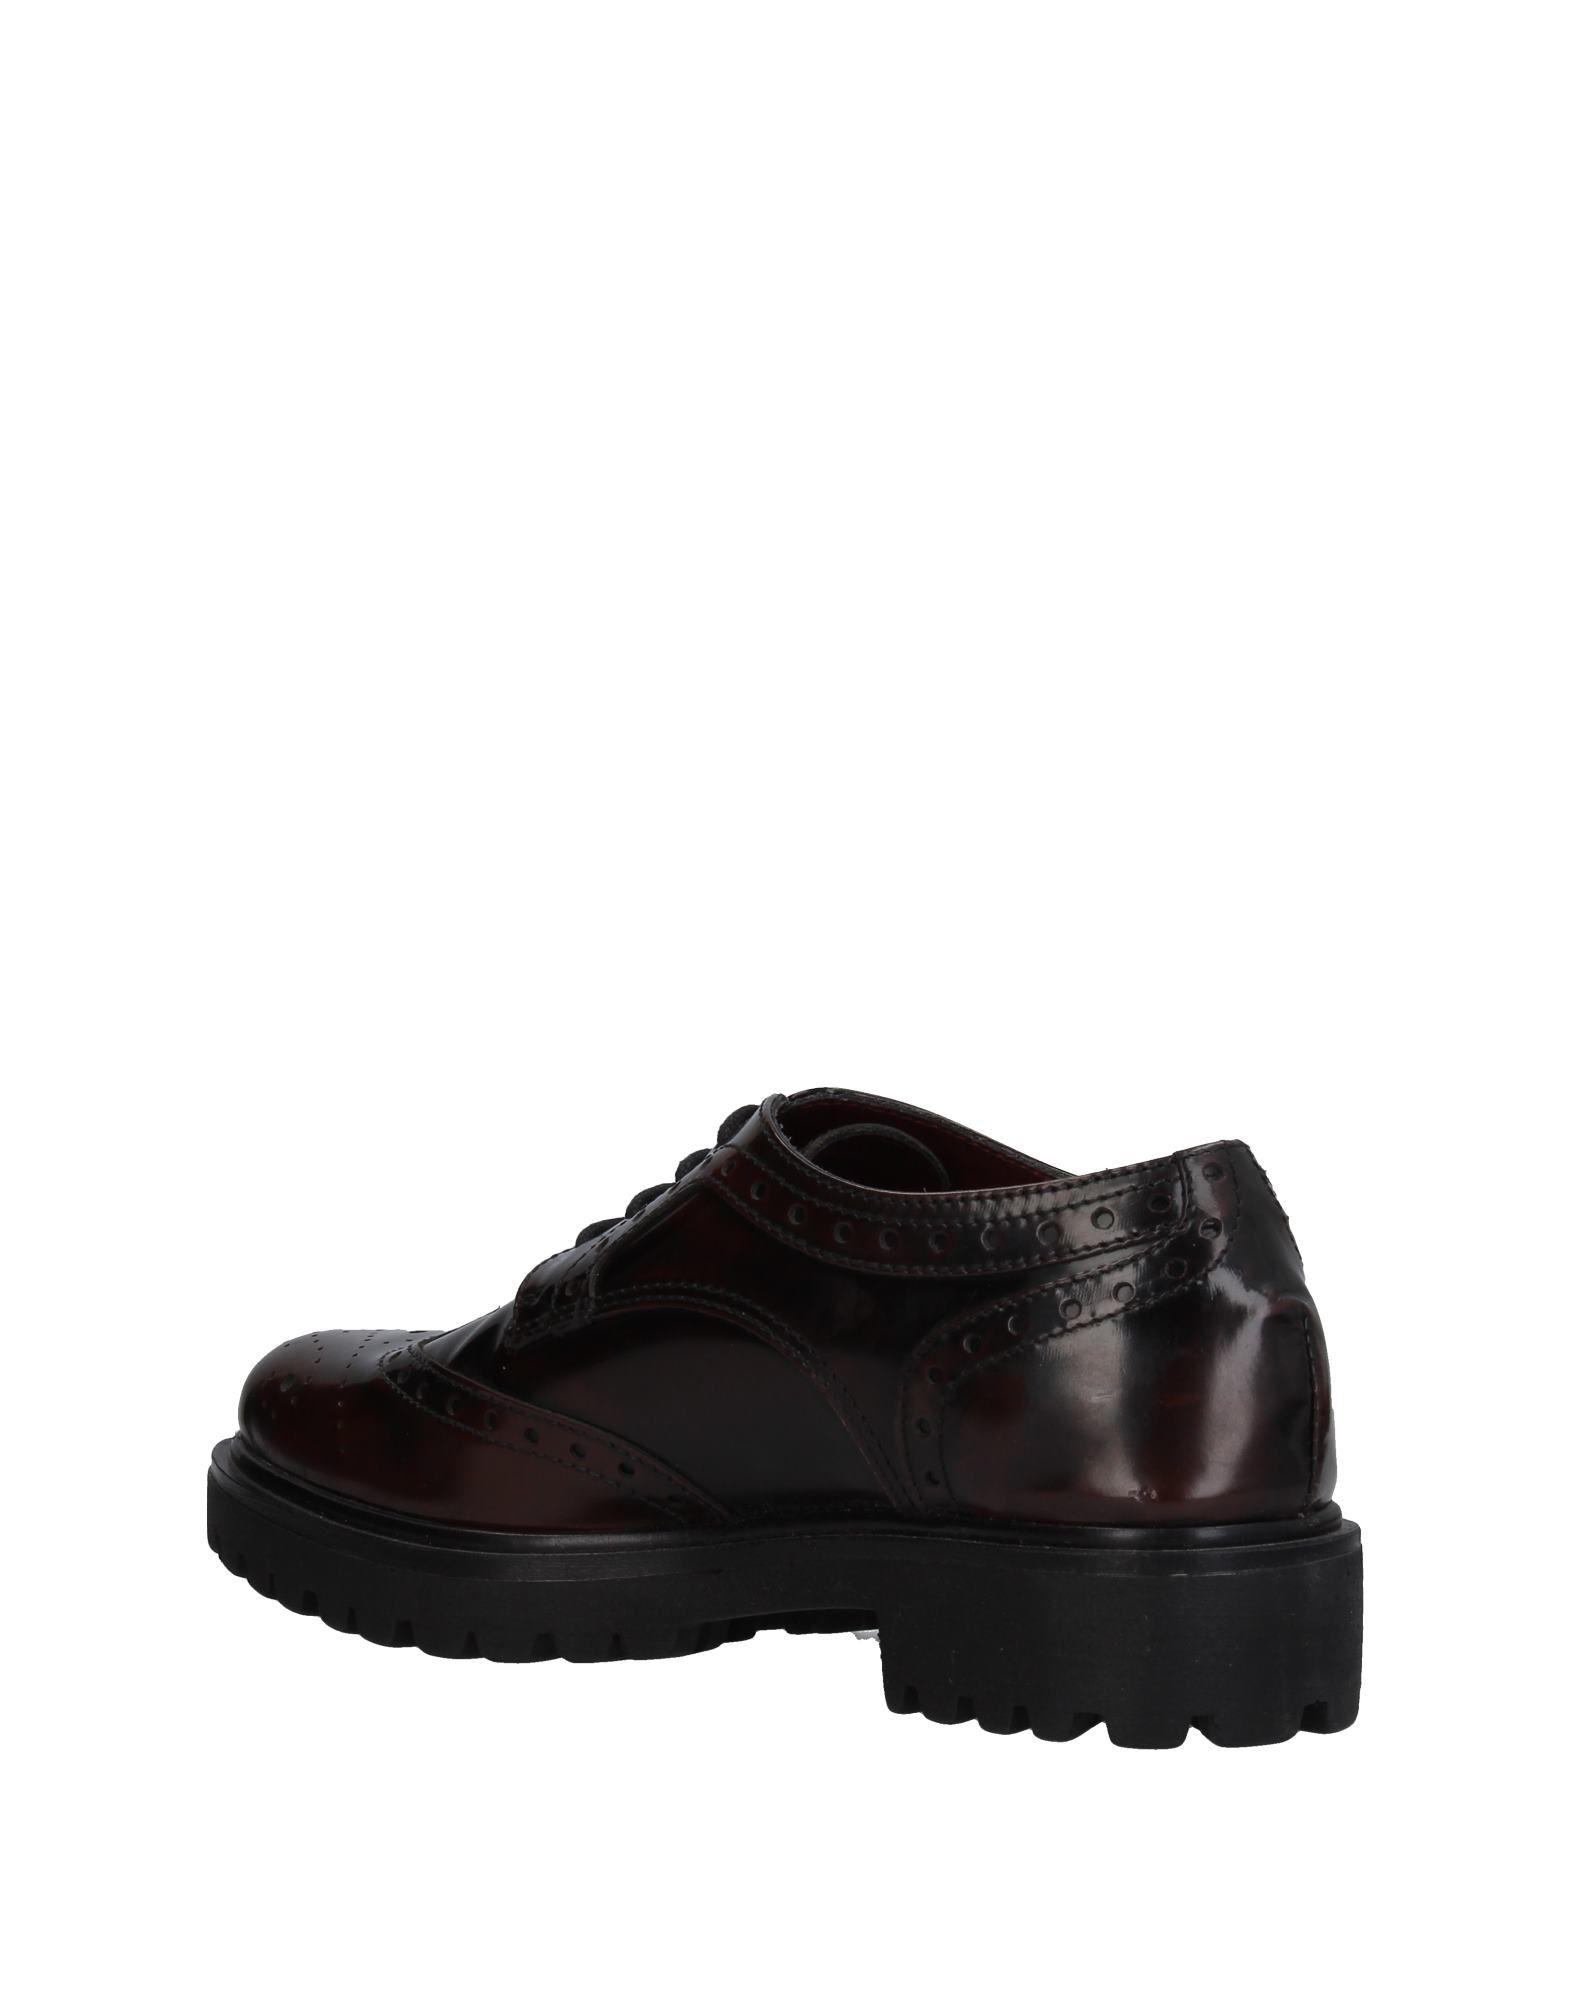 CHAUSSURES - Chaussures à lacetsAnna Fidanza fH0Ao